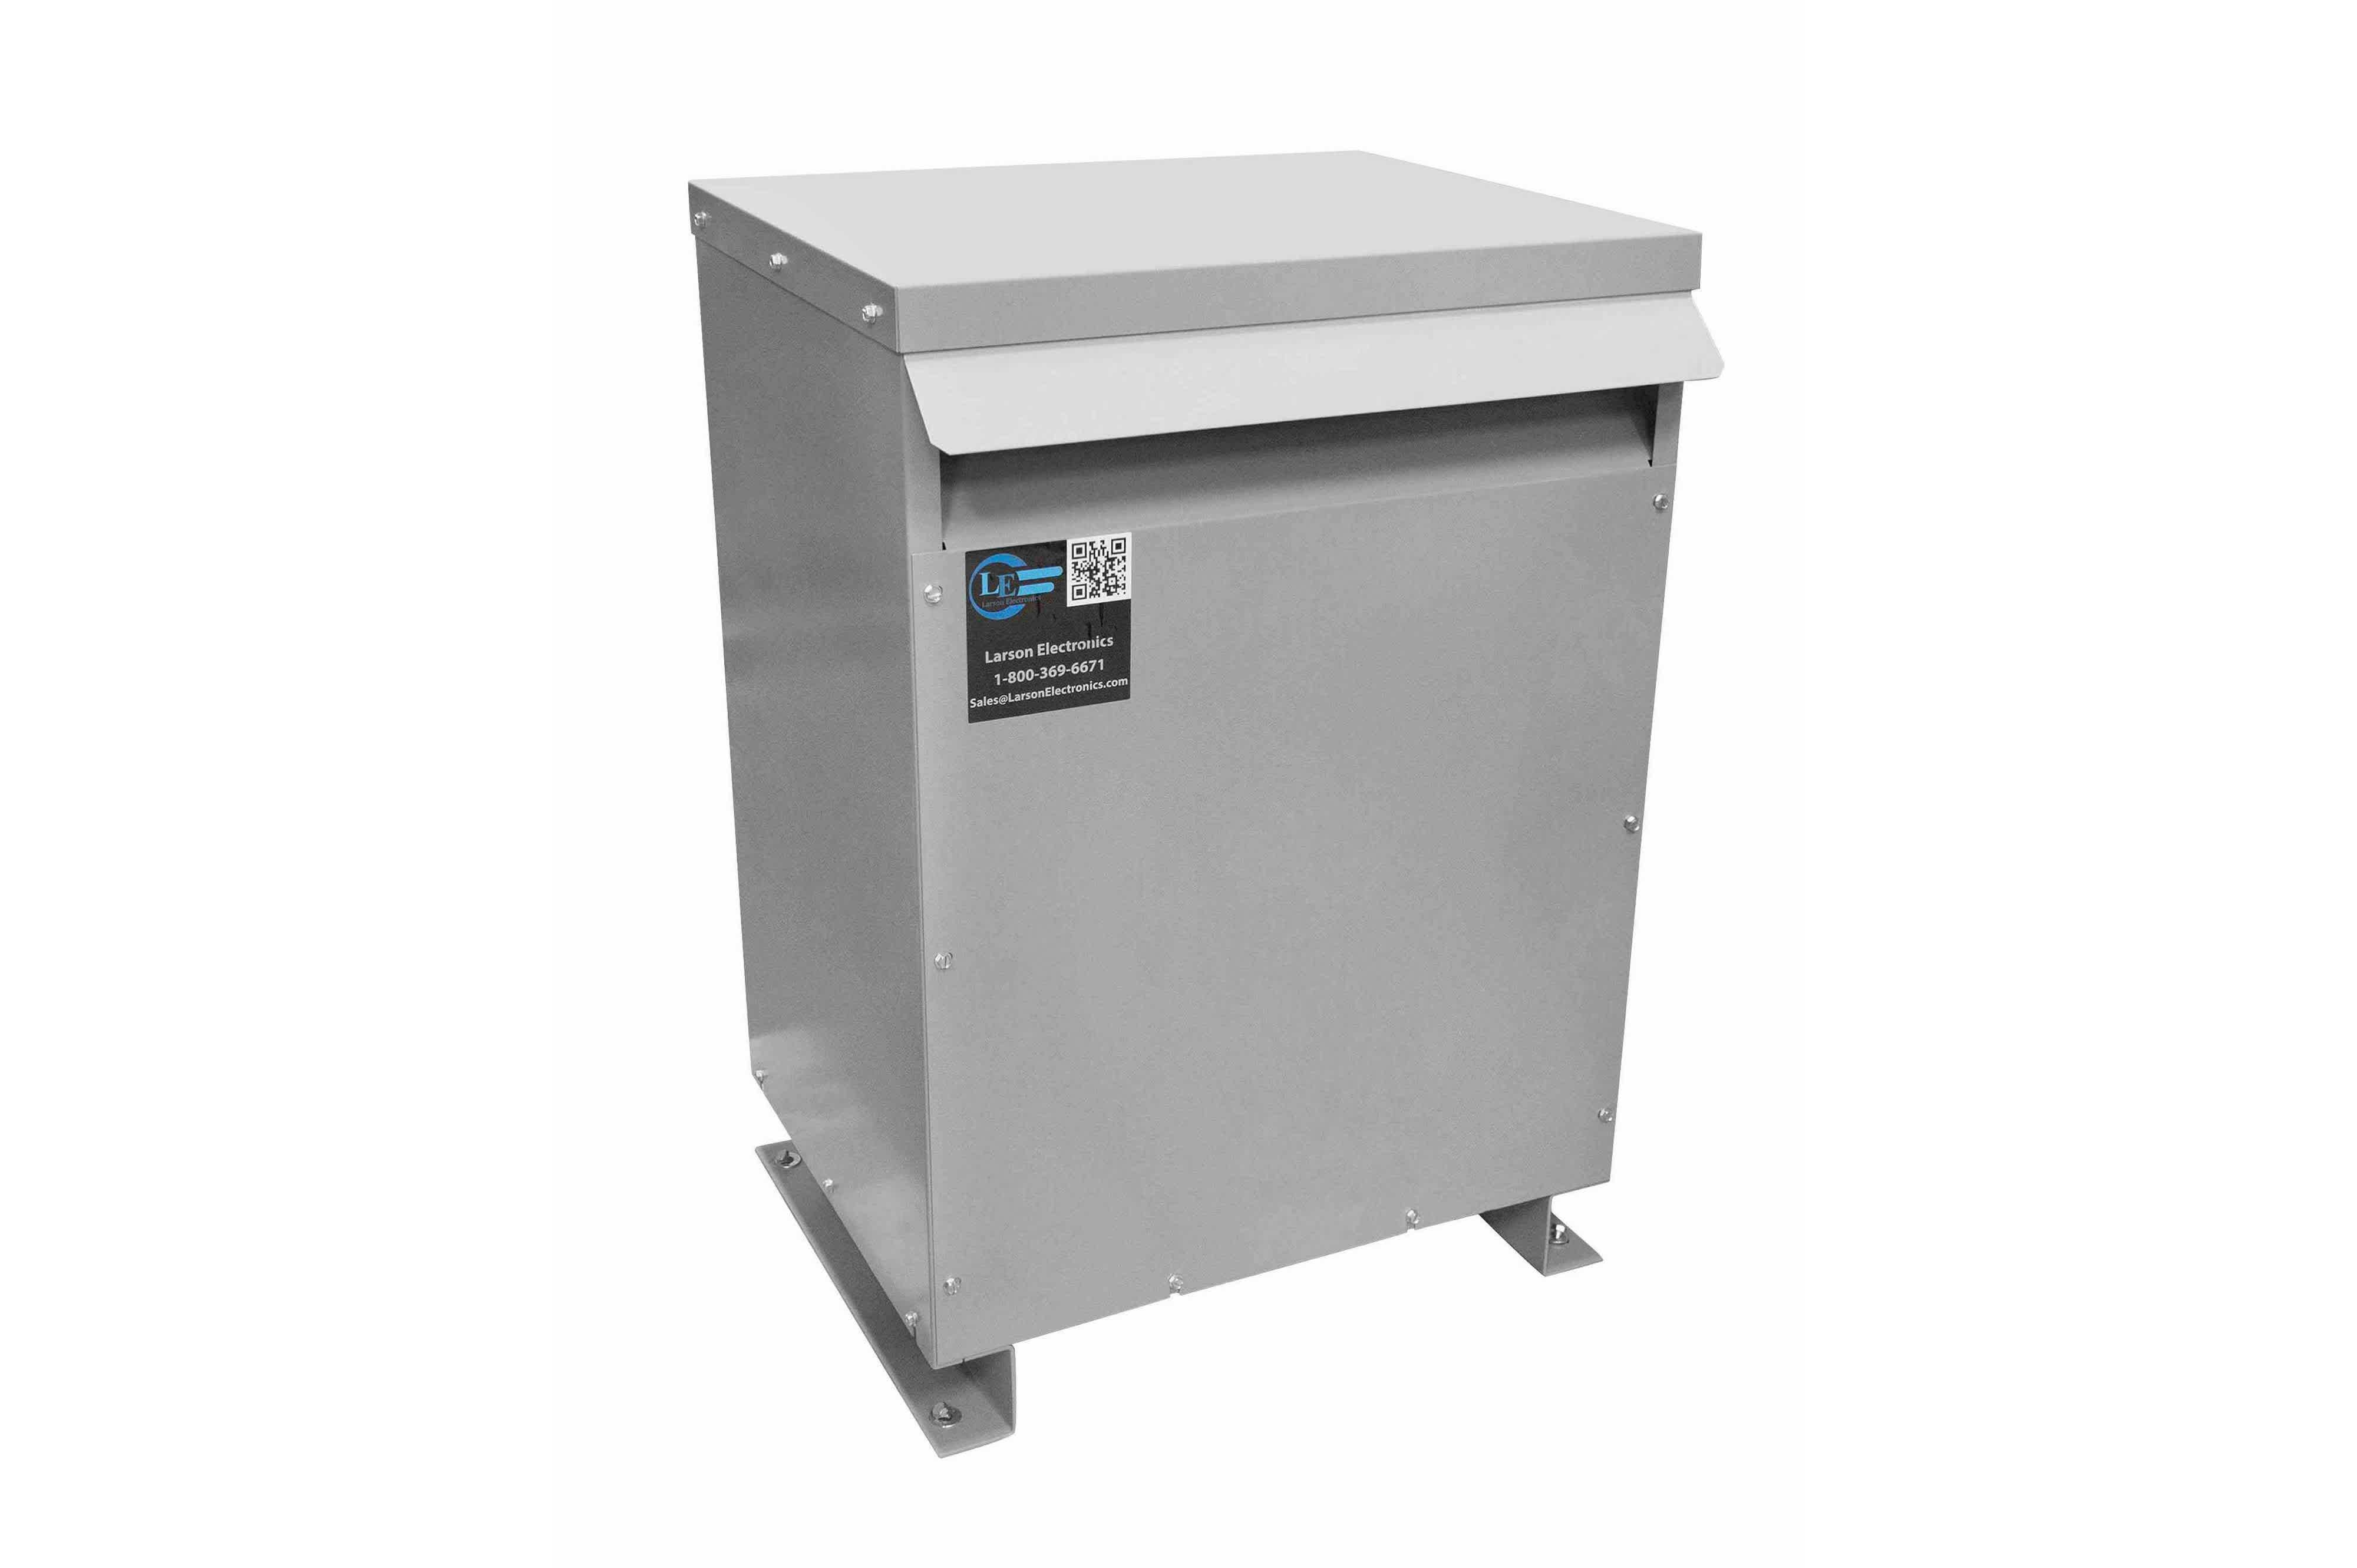 29 kVA 3PH Isolation Transformer, 460V Delta Primary, 208V Delta Secondary, N3R, Ventilated, 60 Hz